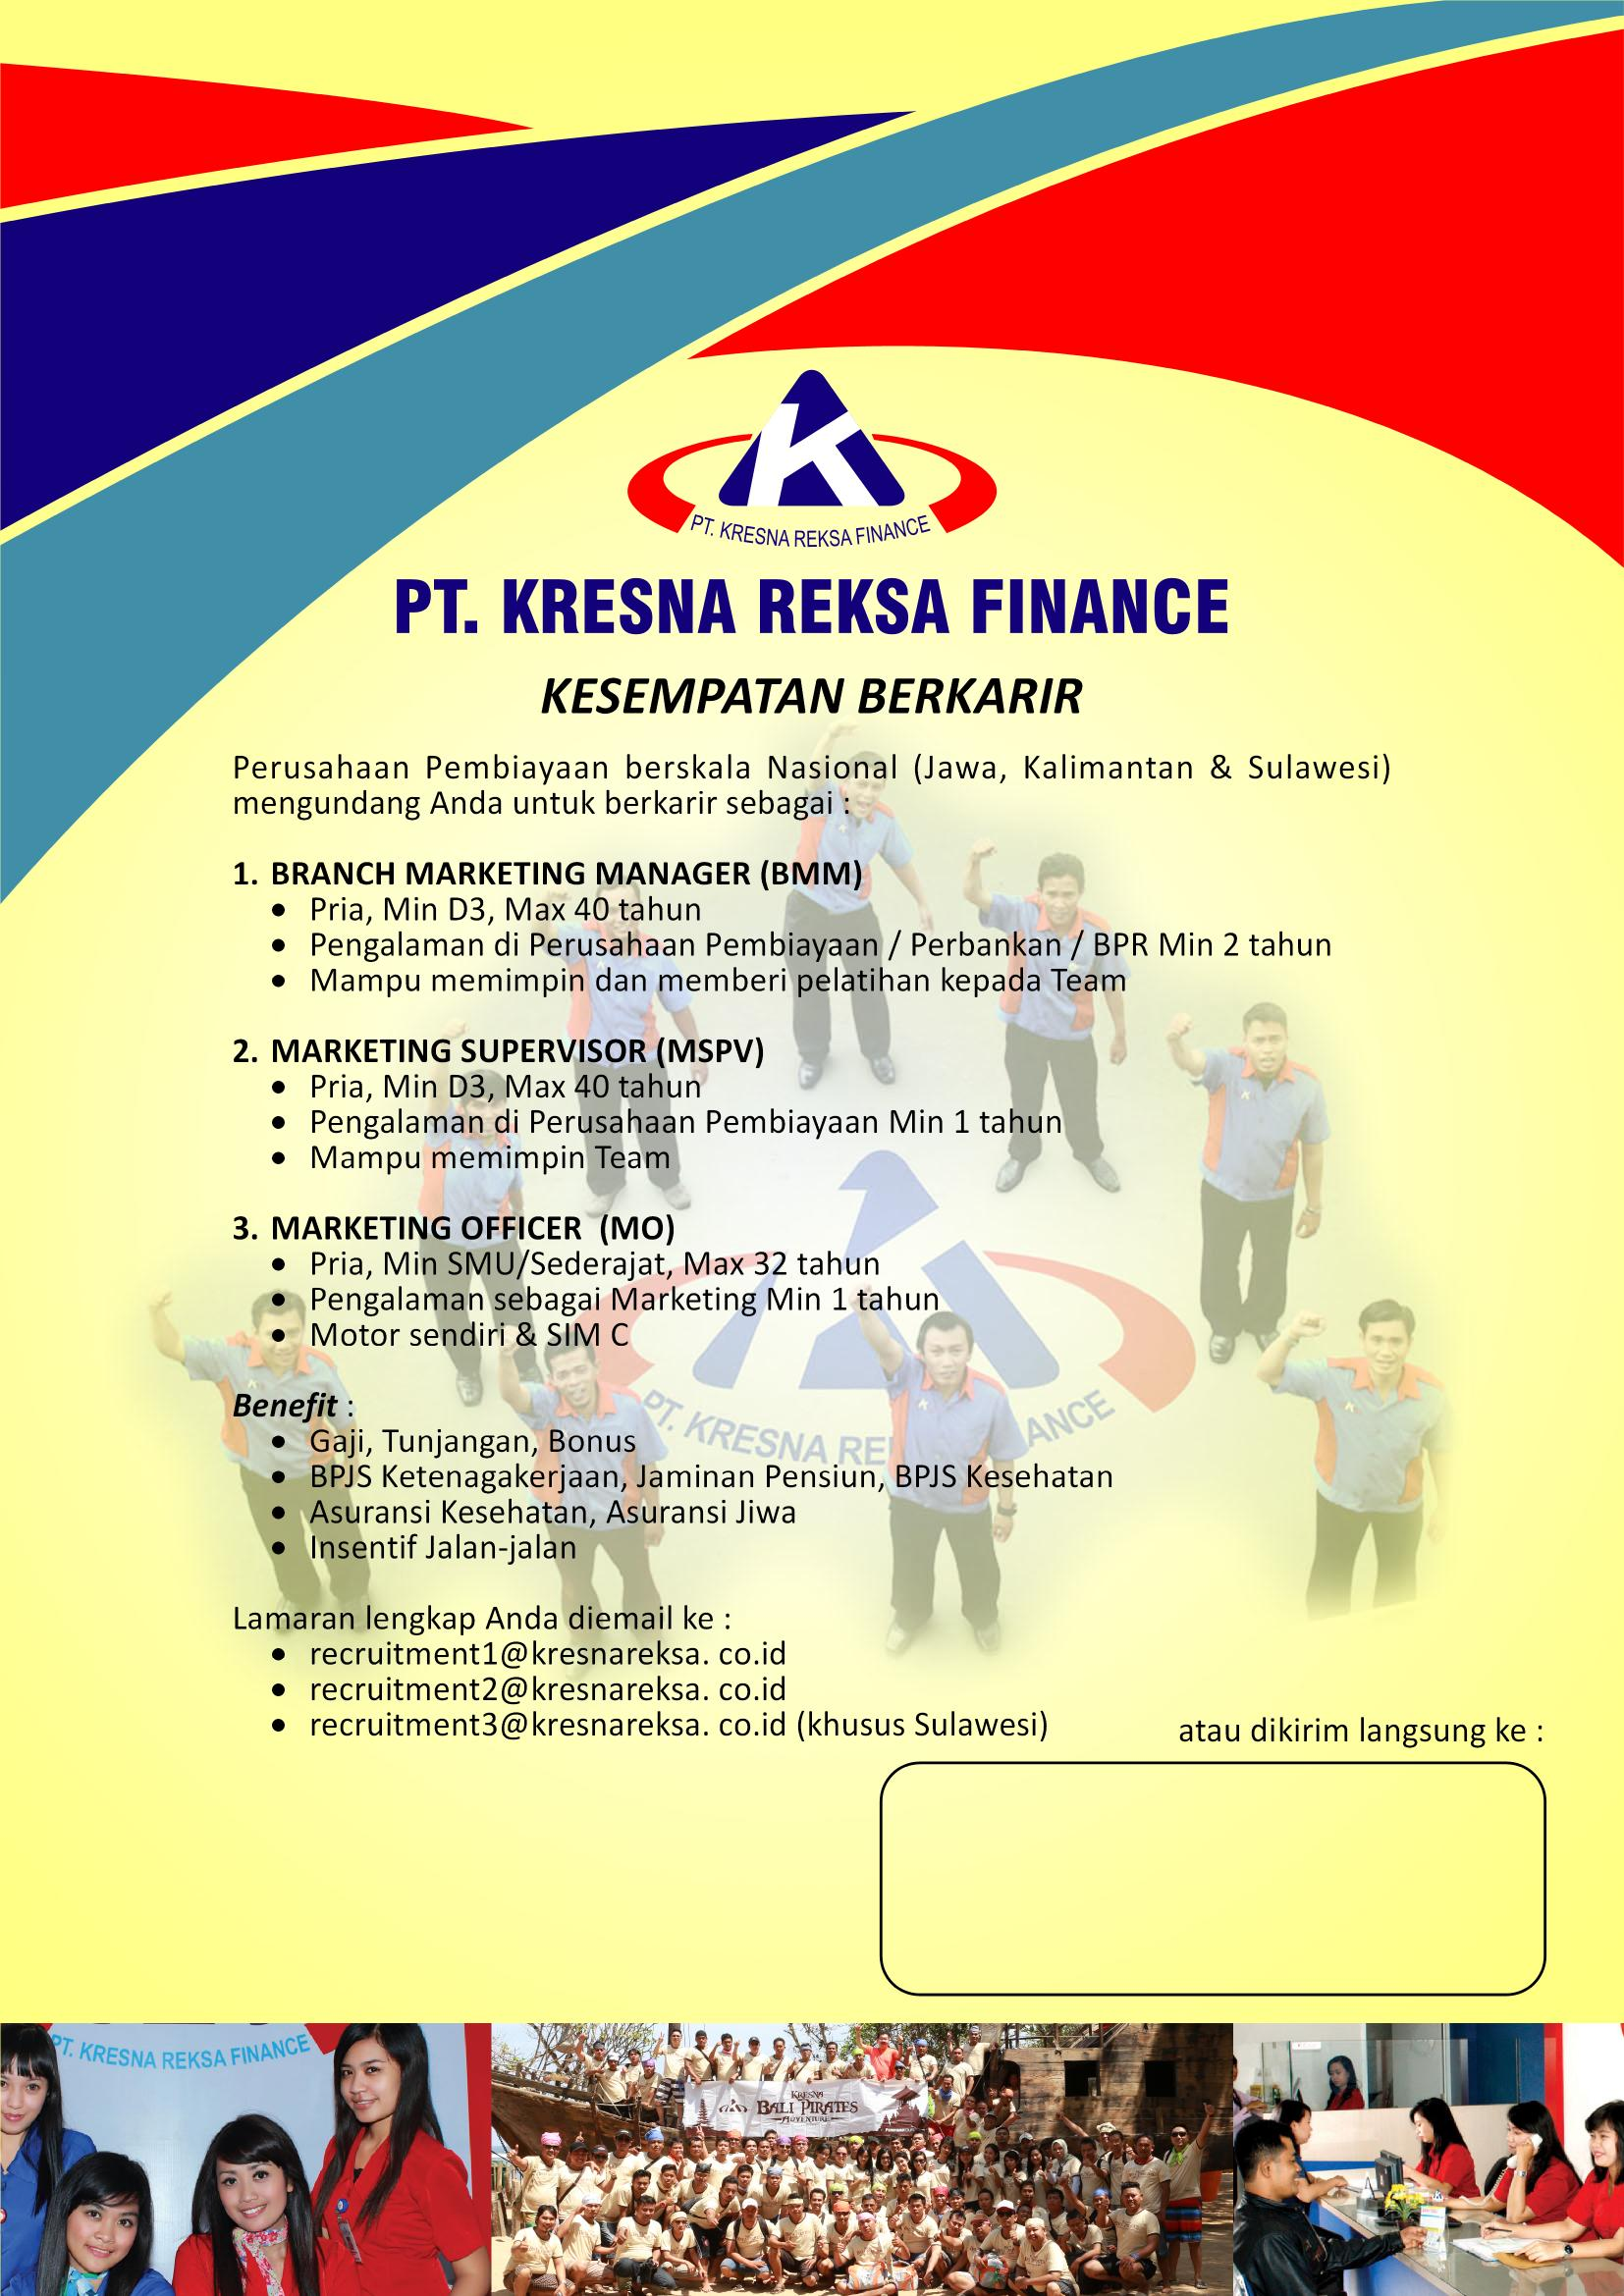 Kresna Reksa Finance PT